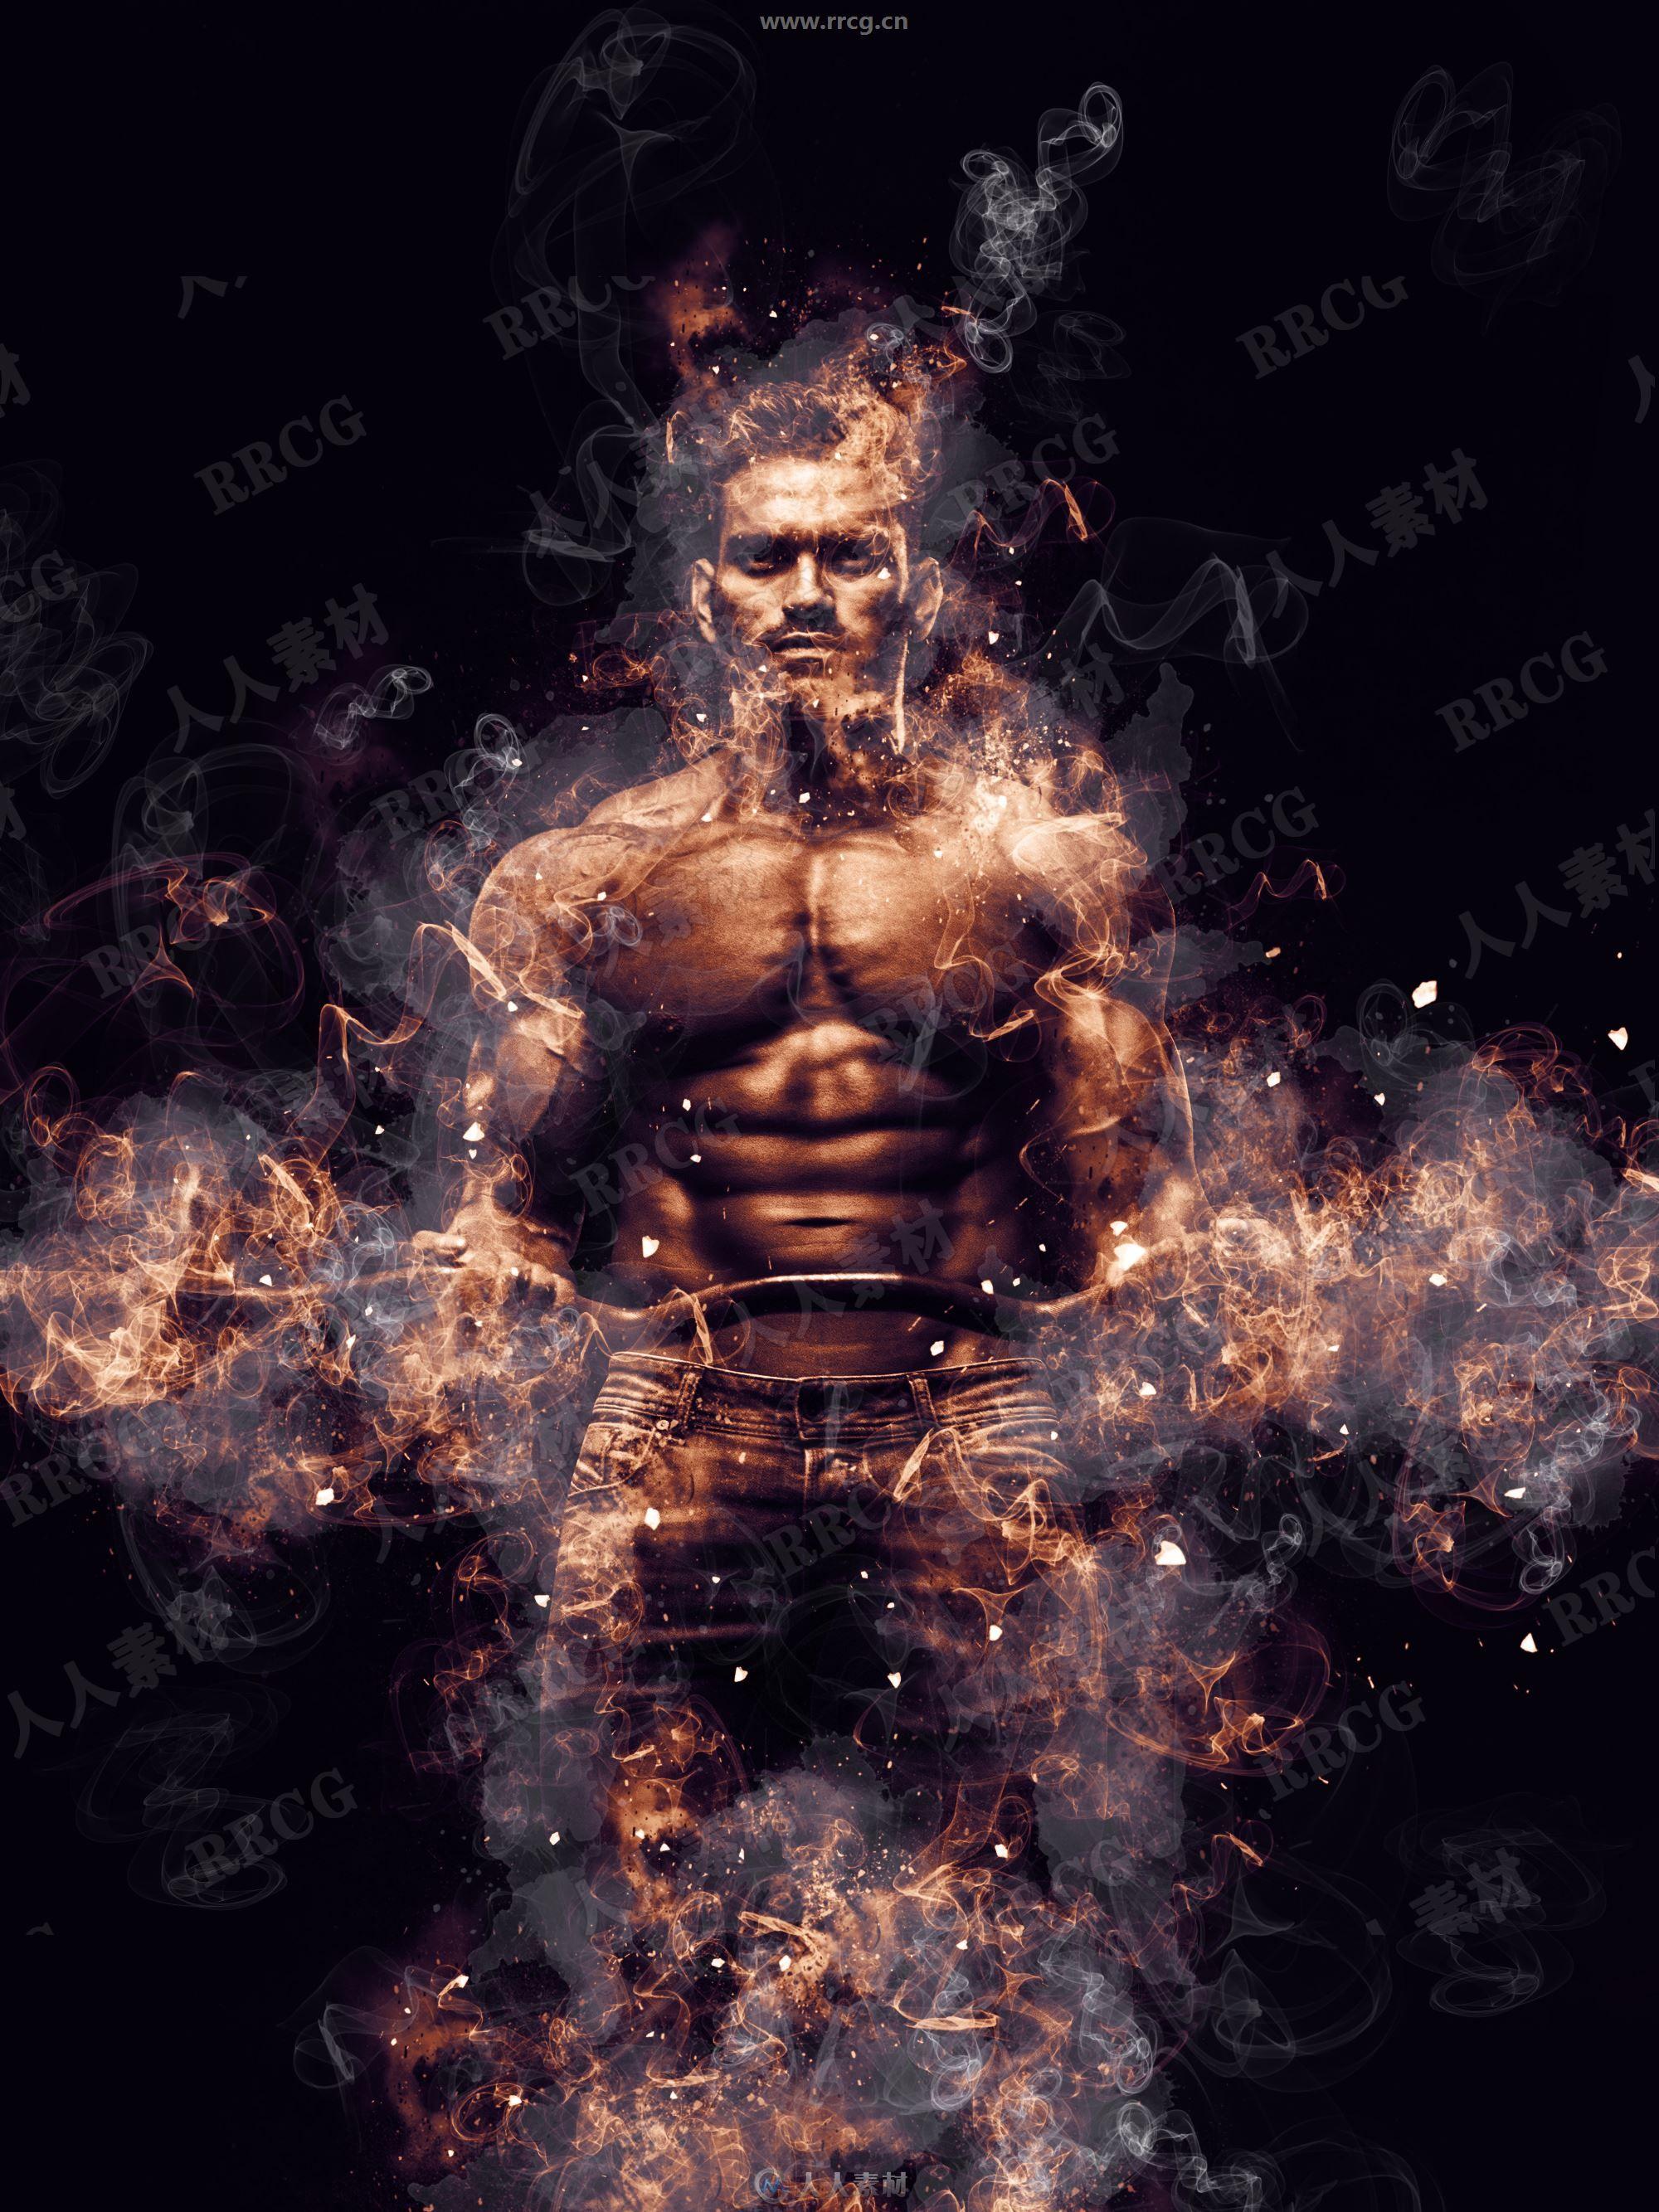 物体周围火焰爆炸燃烧艺术图像处理特效PS动作